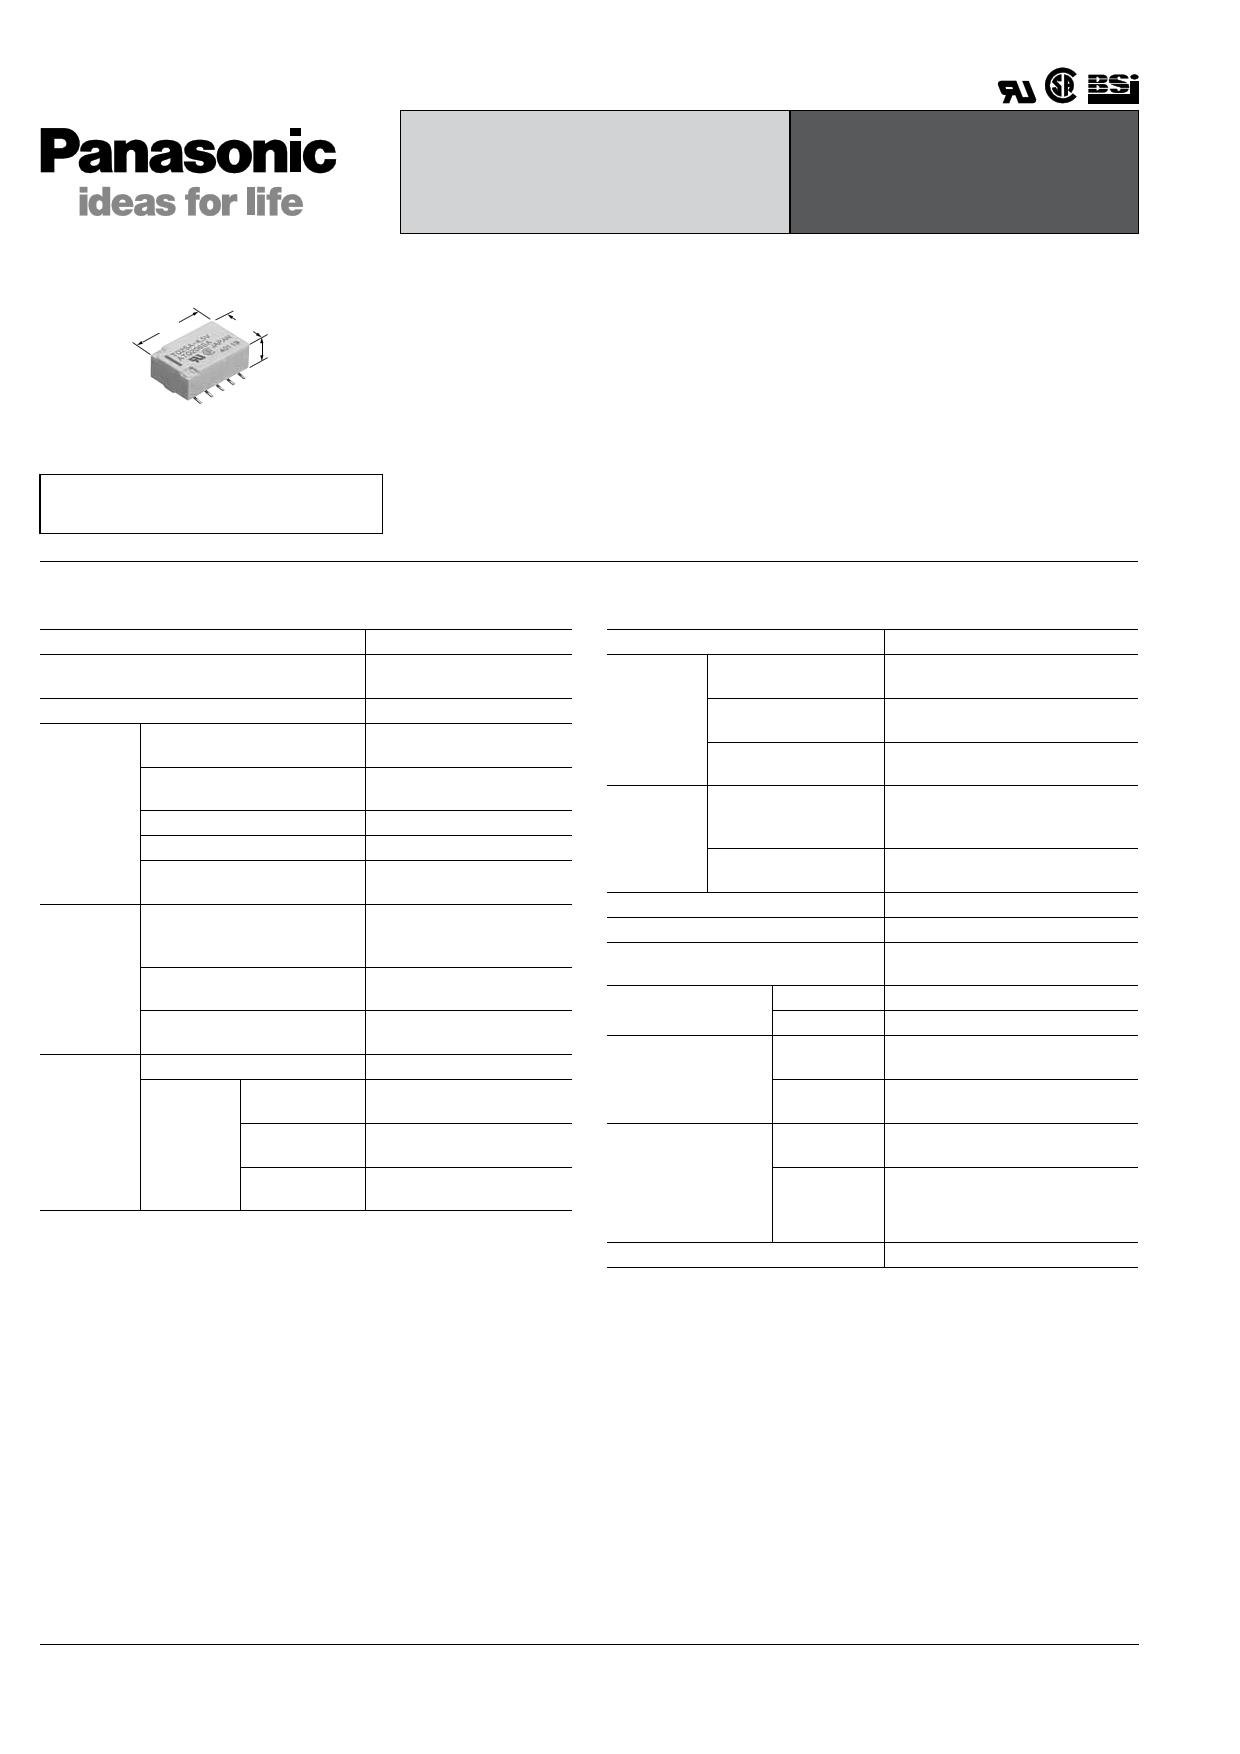 TQ2SS-L2-1.5V 데이터시트 및 TQ2SS-L2-1.5V PDF